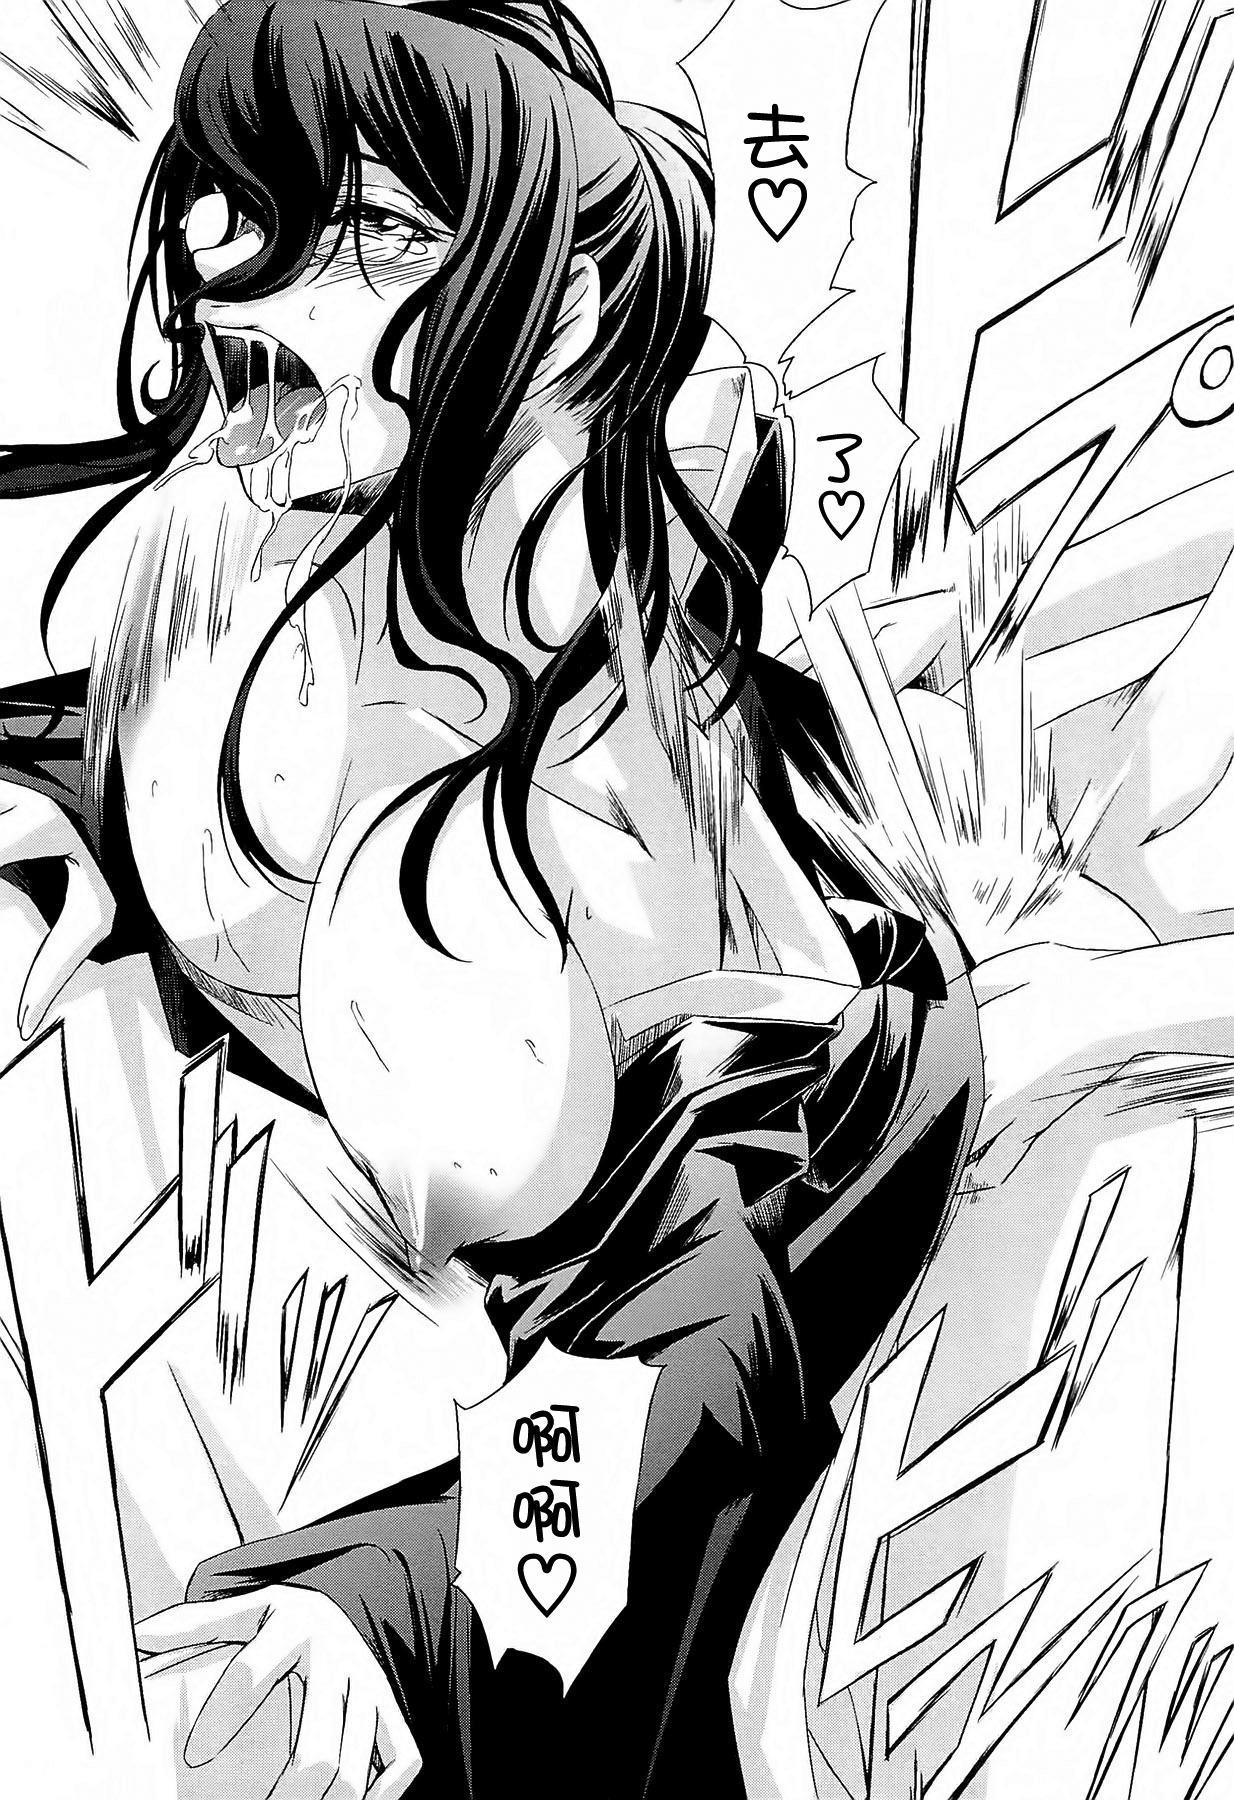 Onna Kyoushi no Renai Jijou 93